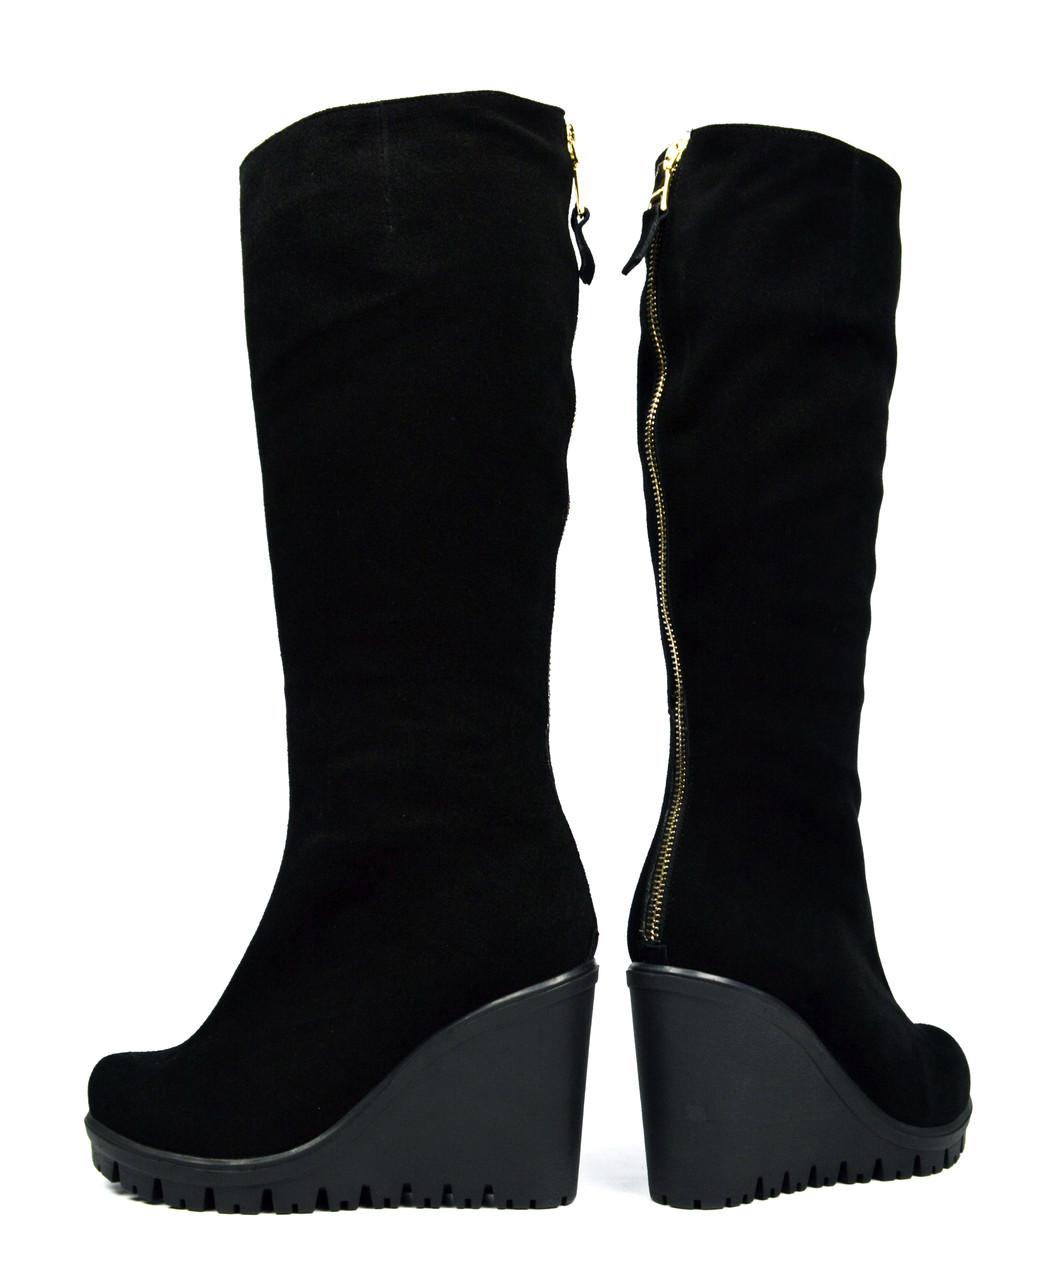 5b2b08a52 Шикарные черные зимние женские замшевые сапоги SAIL на танкетке ( с мехом,  шерсть ) -